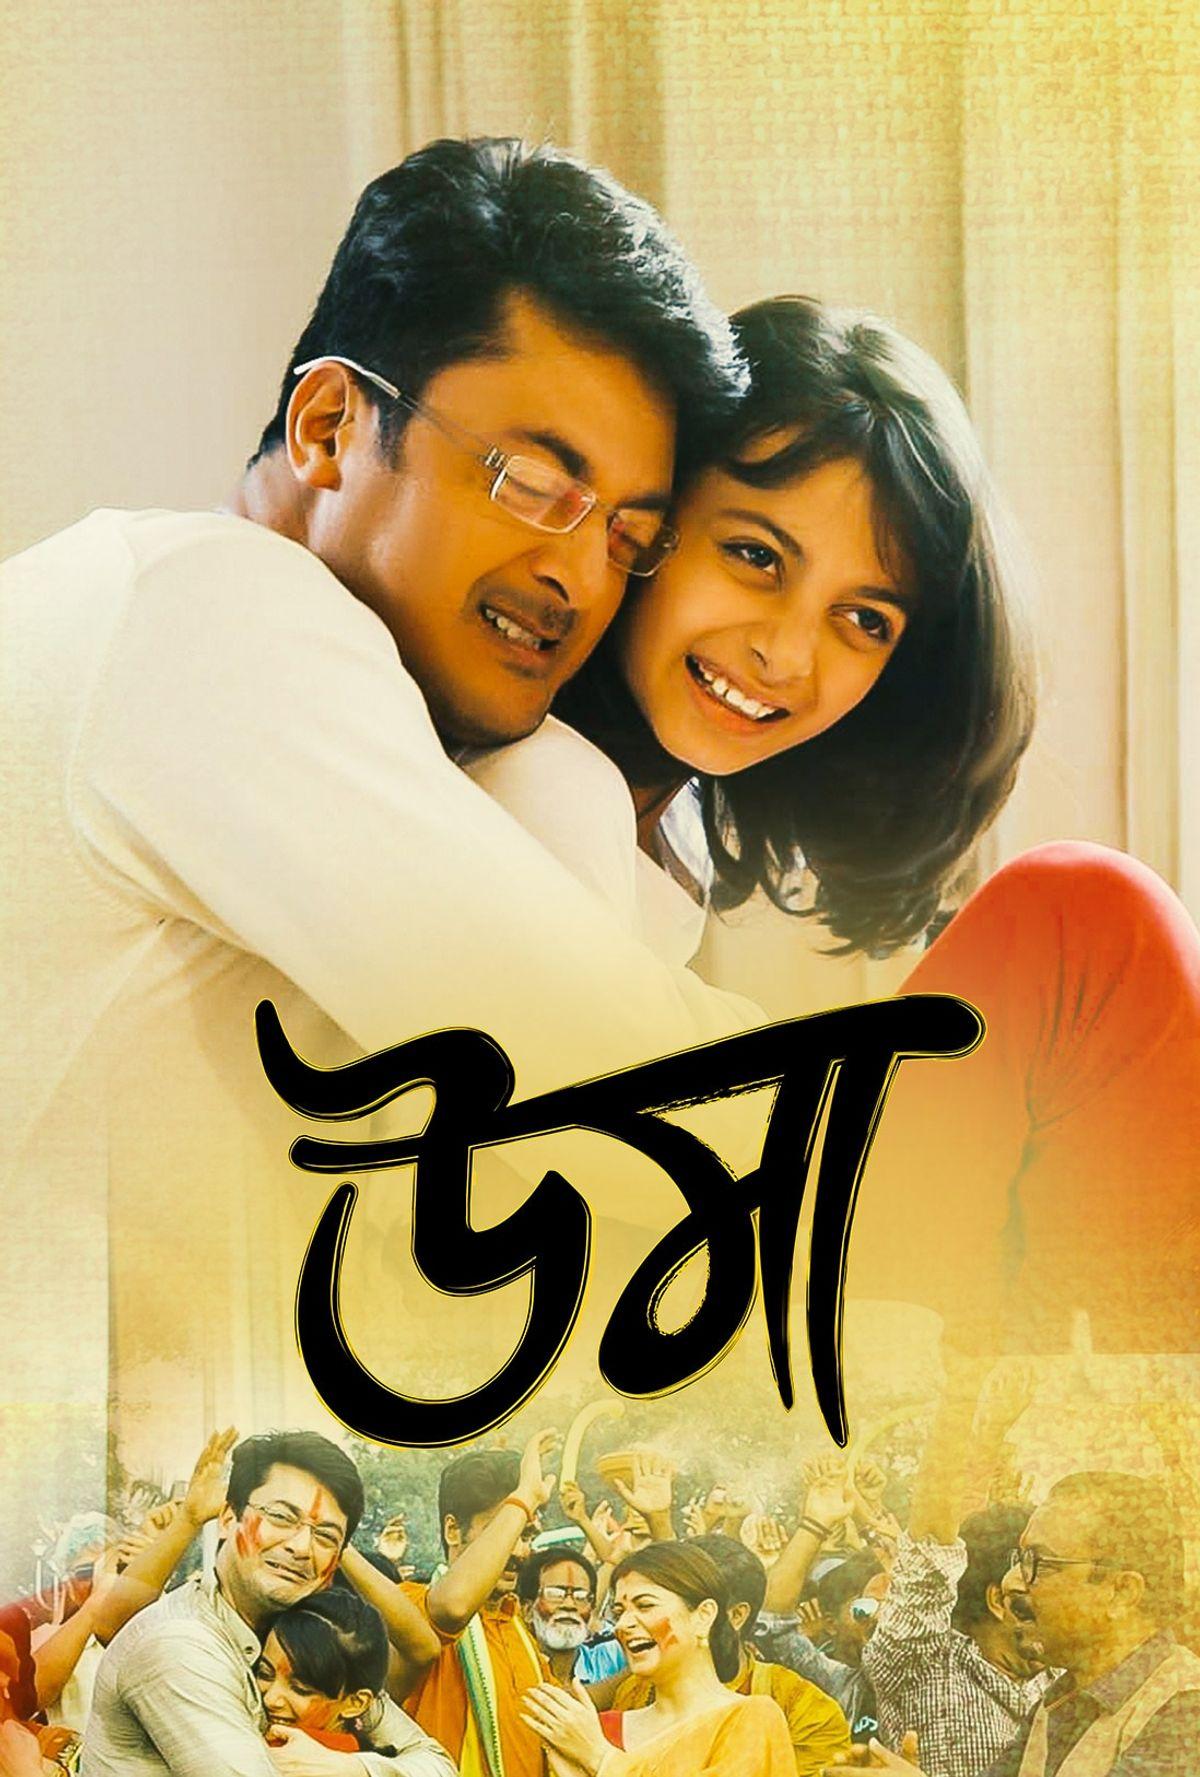 Srijit Mukherji Best Movies, TV Shows and Web Series List